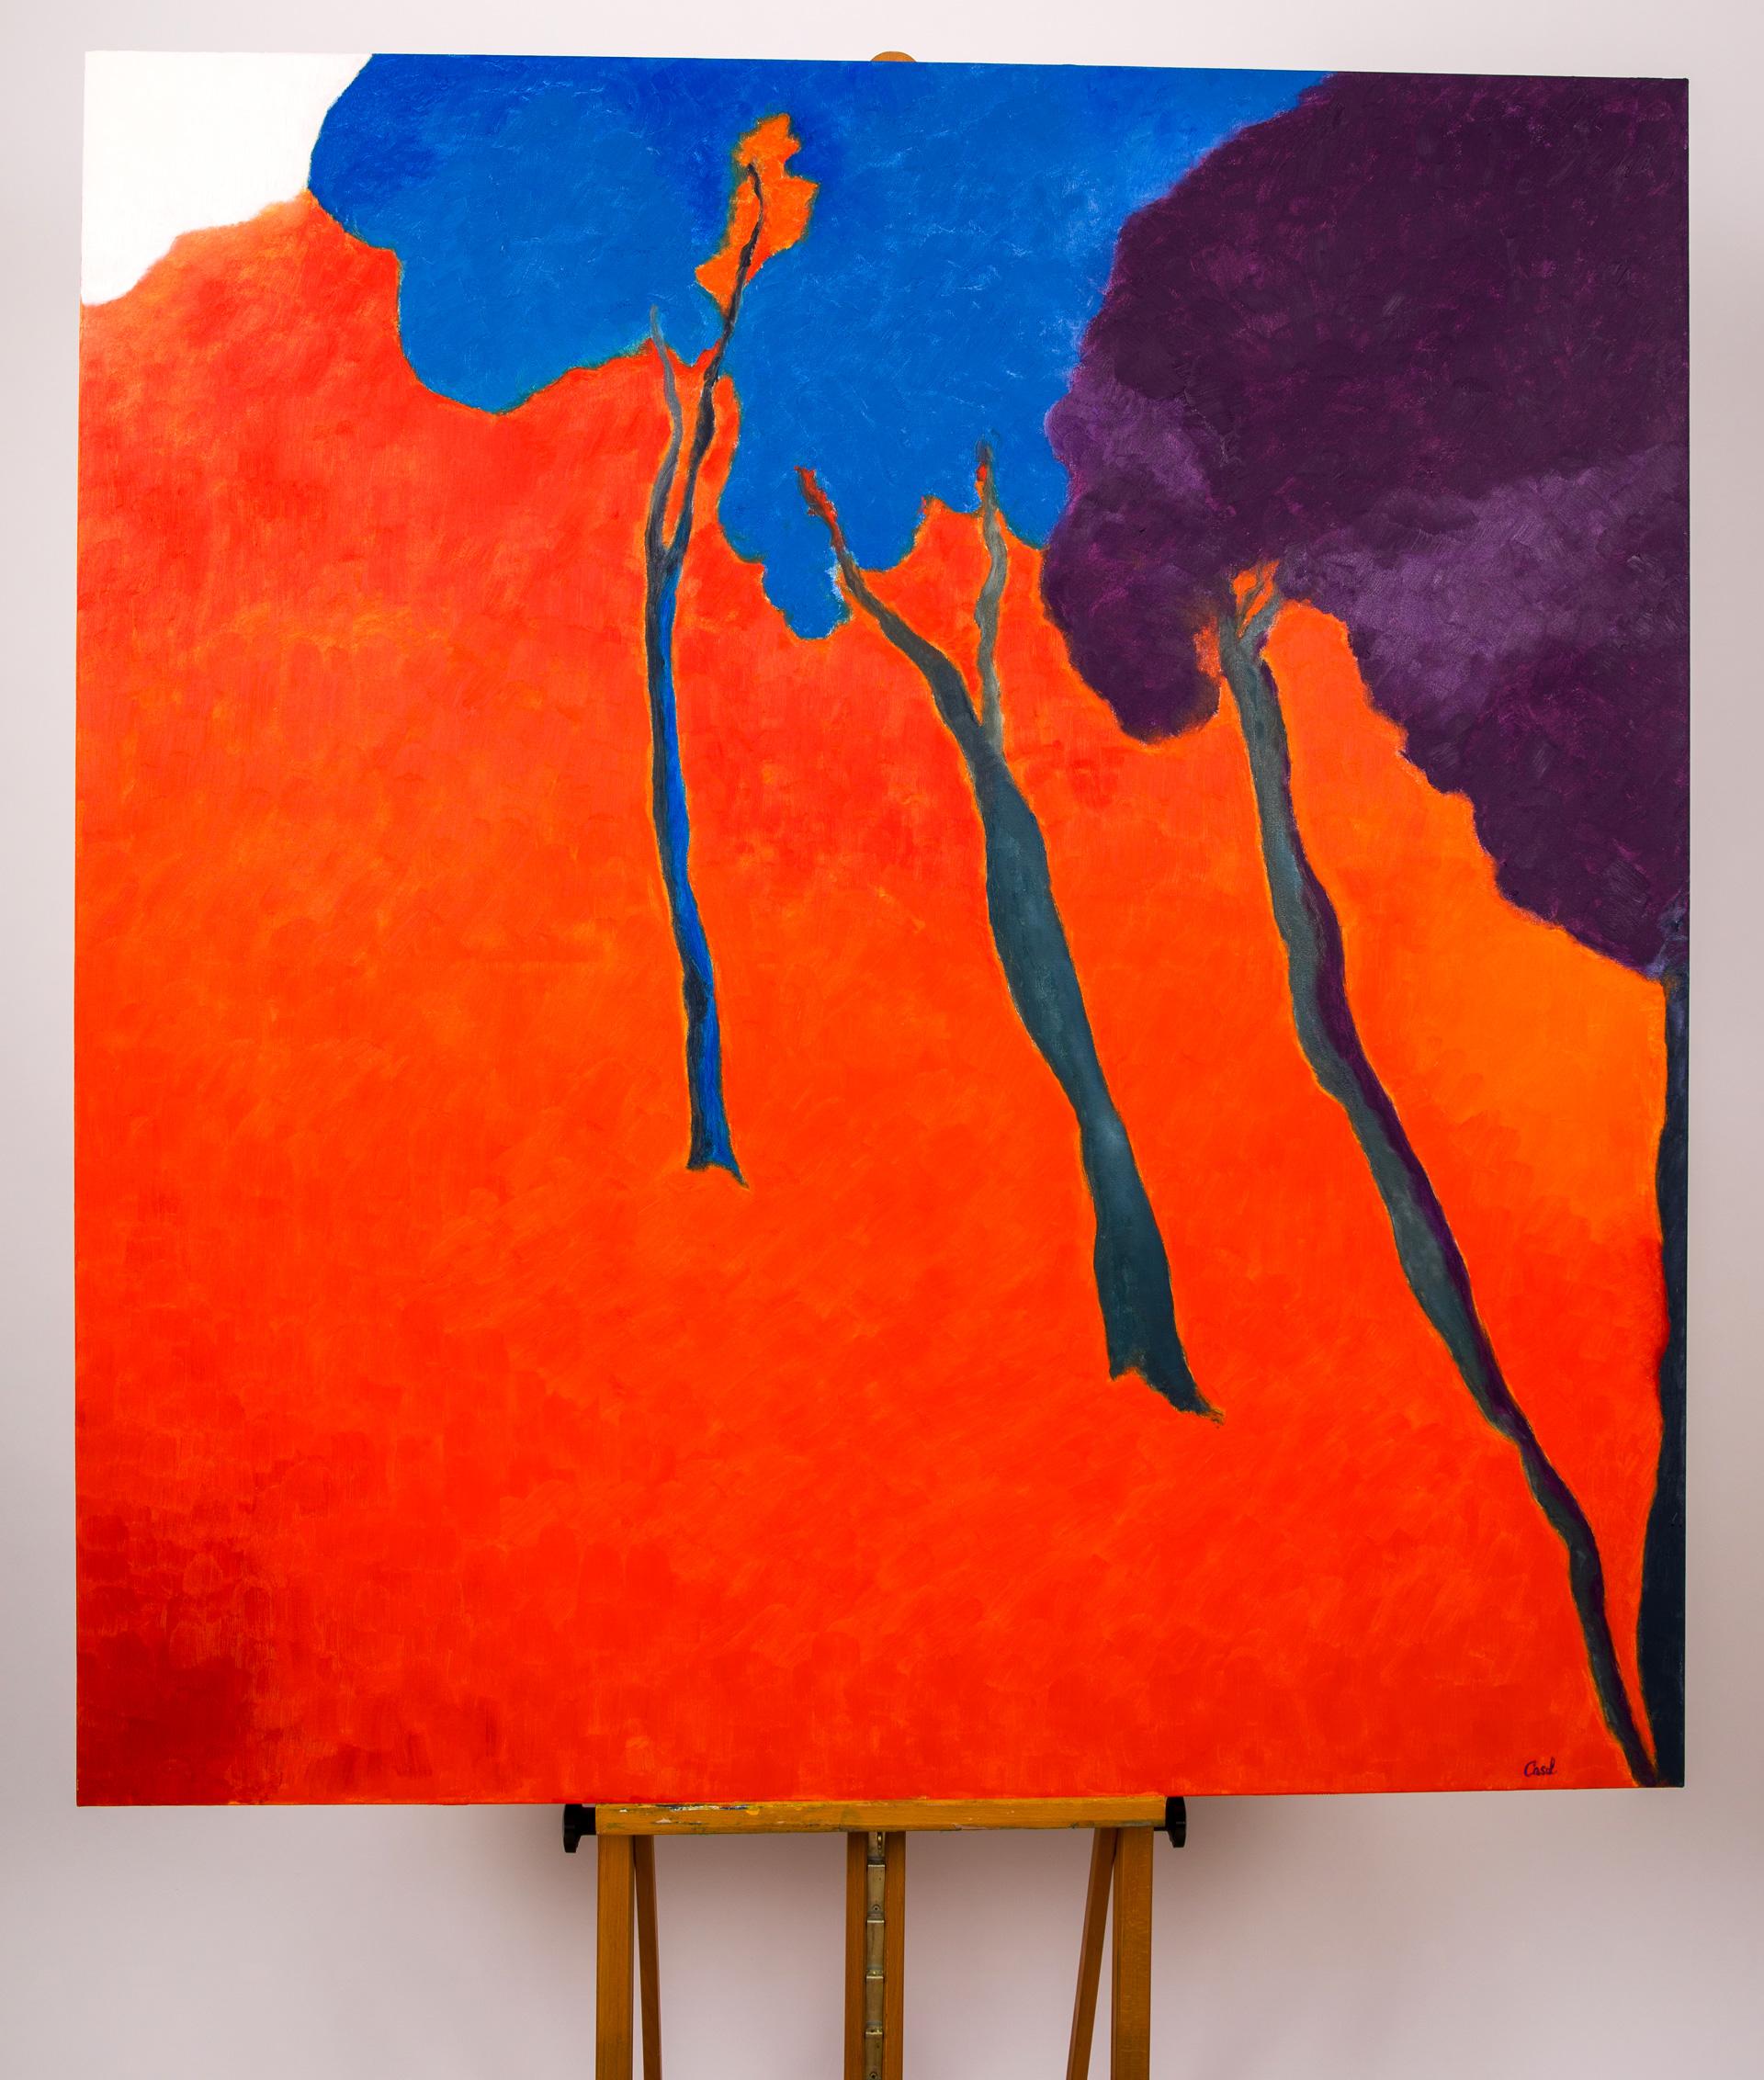 Maryse Casol, painting Ceci N'est Pas Un Arbre VI, 2011